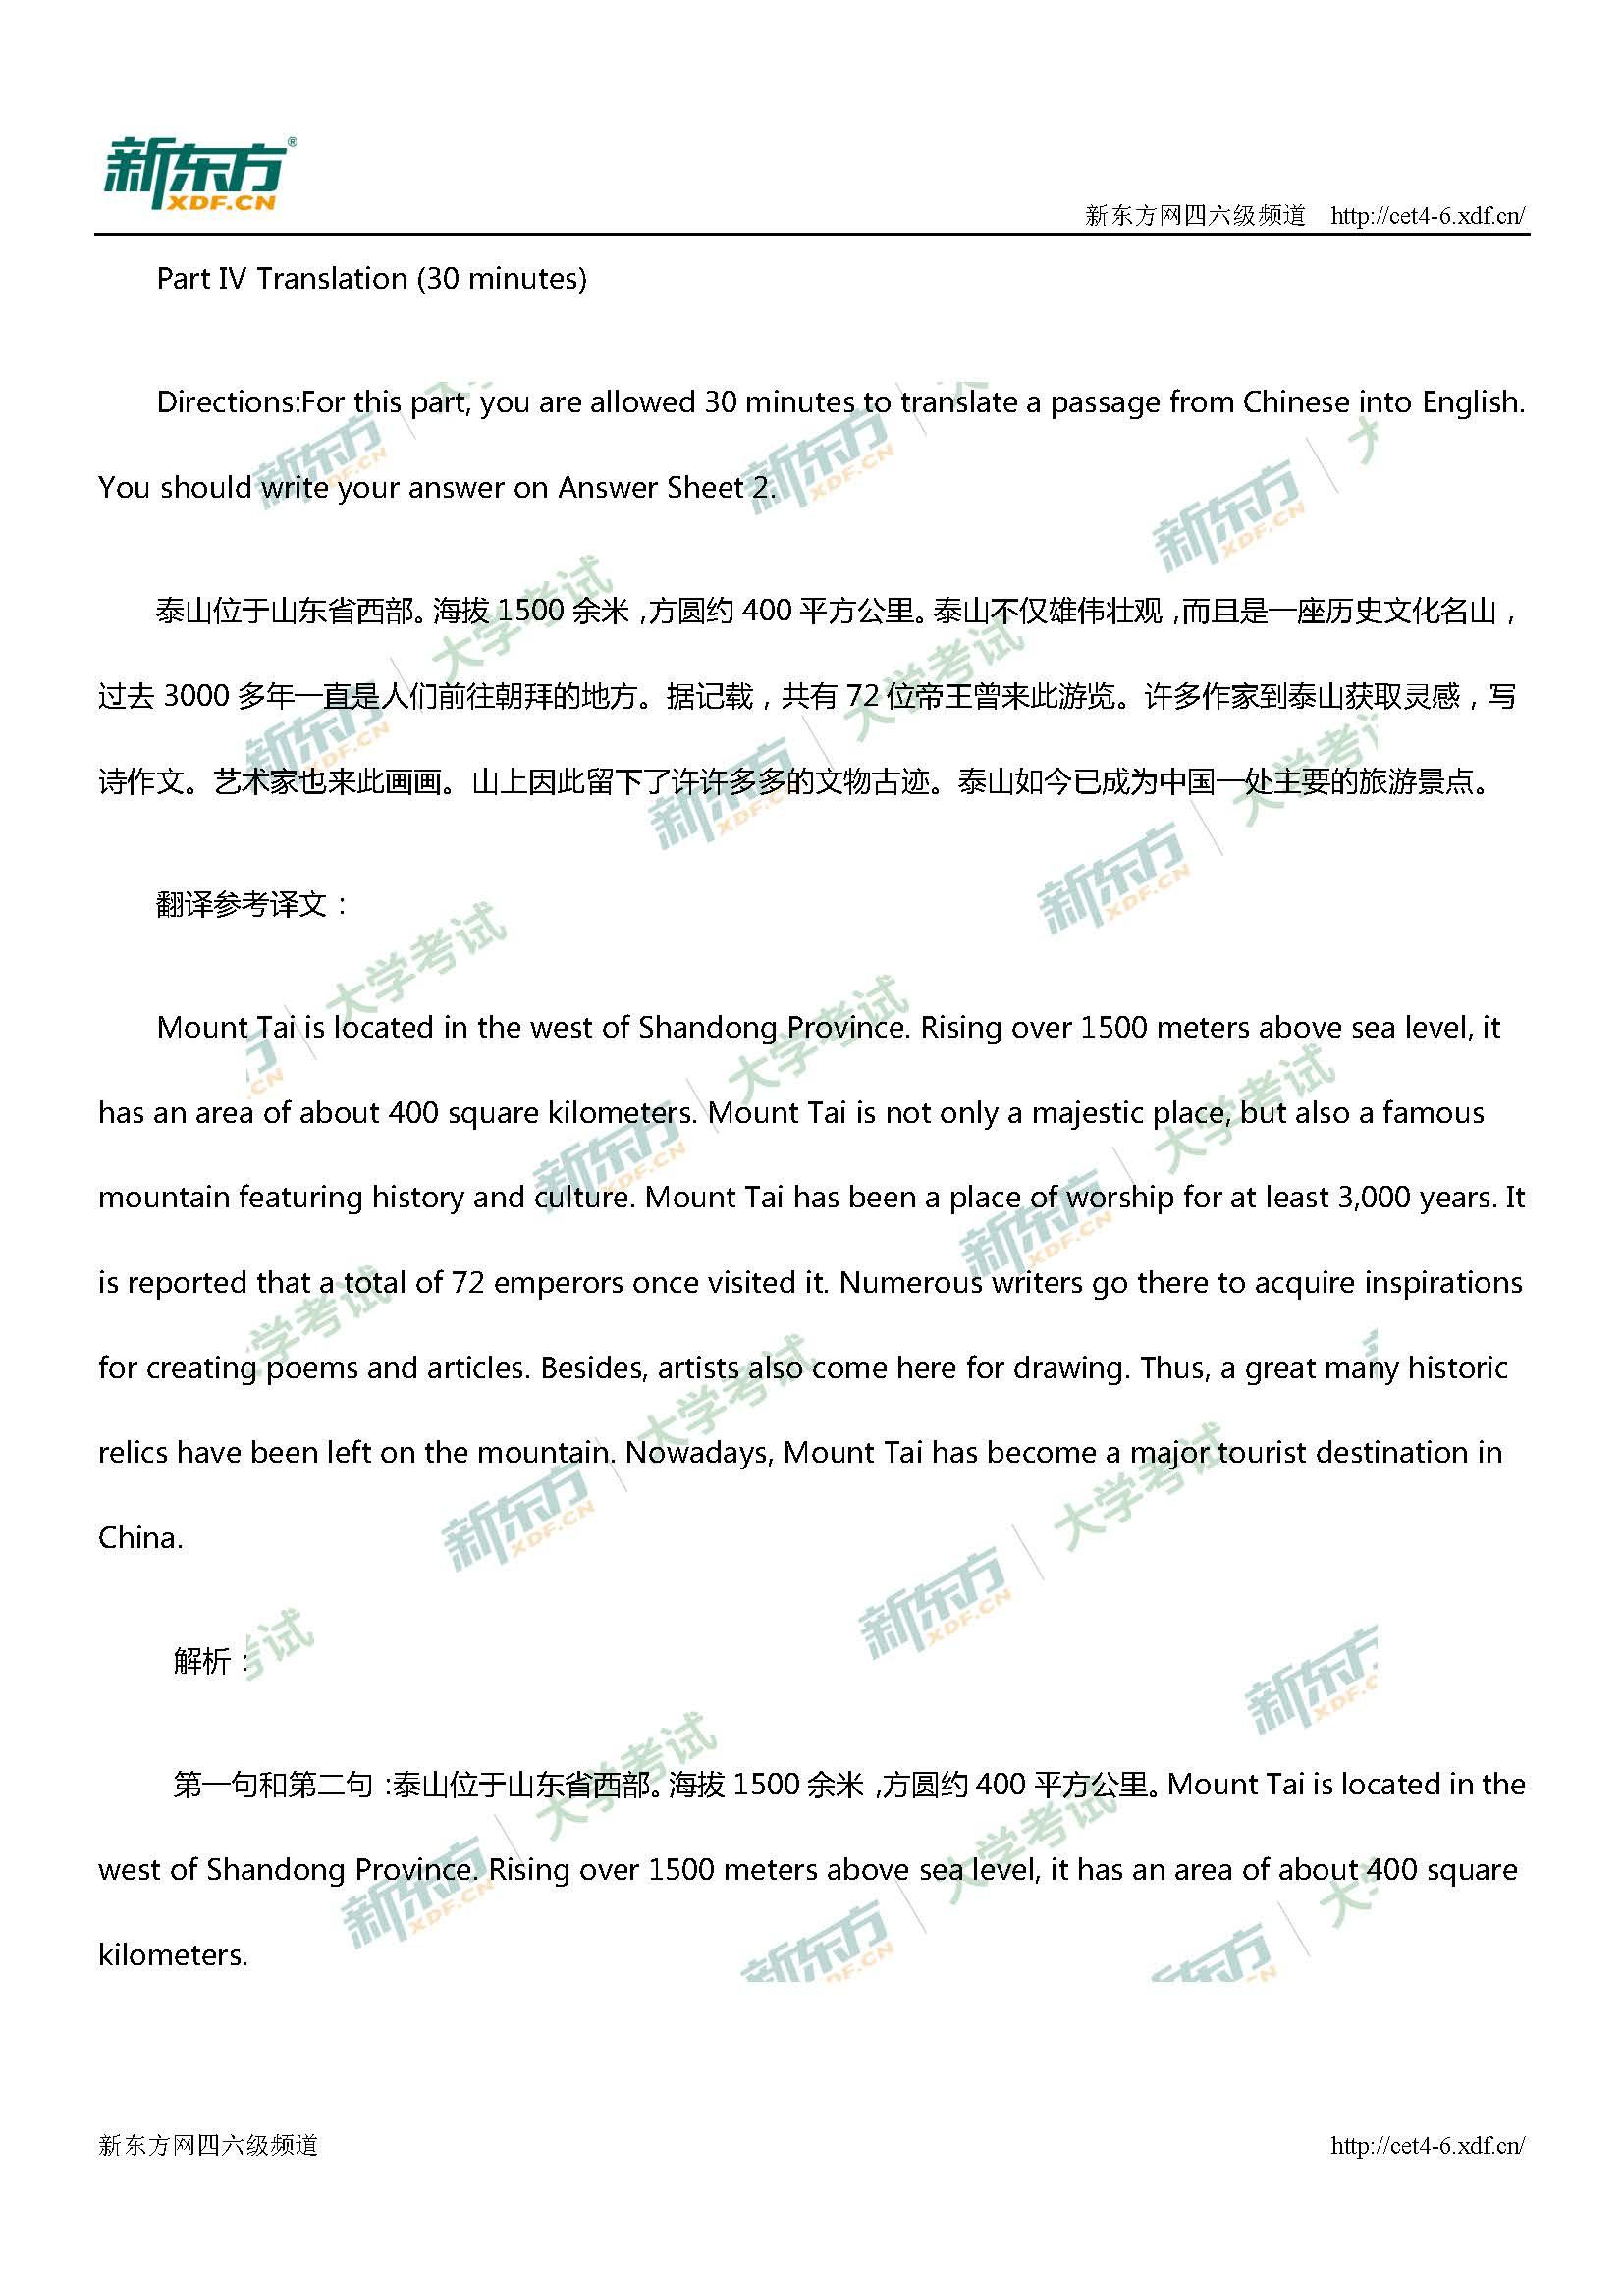 2017年12月大学英语四级第二套翻译详解(重庆新东方)